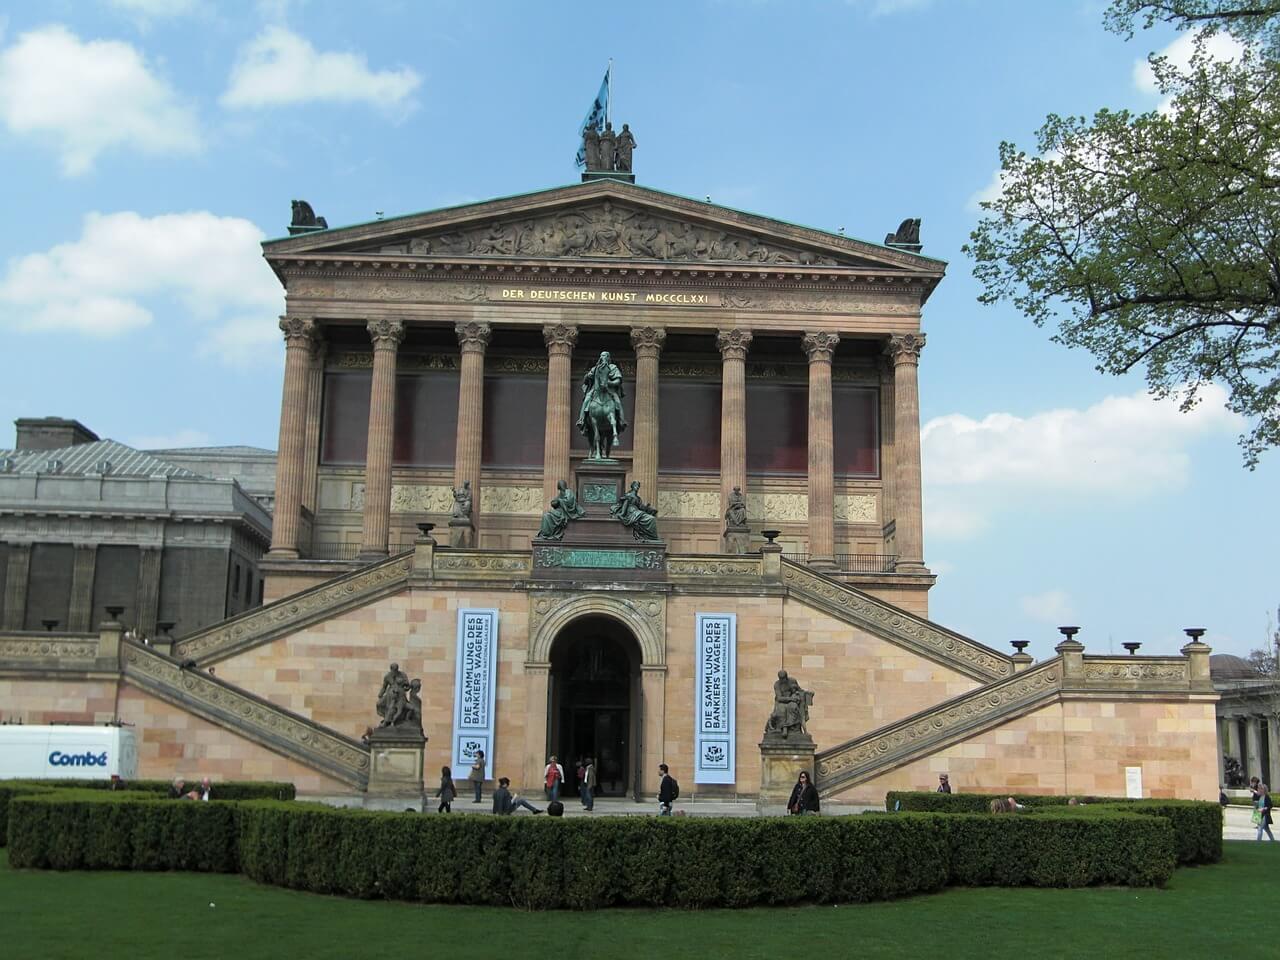 Ausflug nach Berlin für Rentner Senioren und Penionäre - Sehenswürdigkeiten - Alte Nationalgalerie